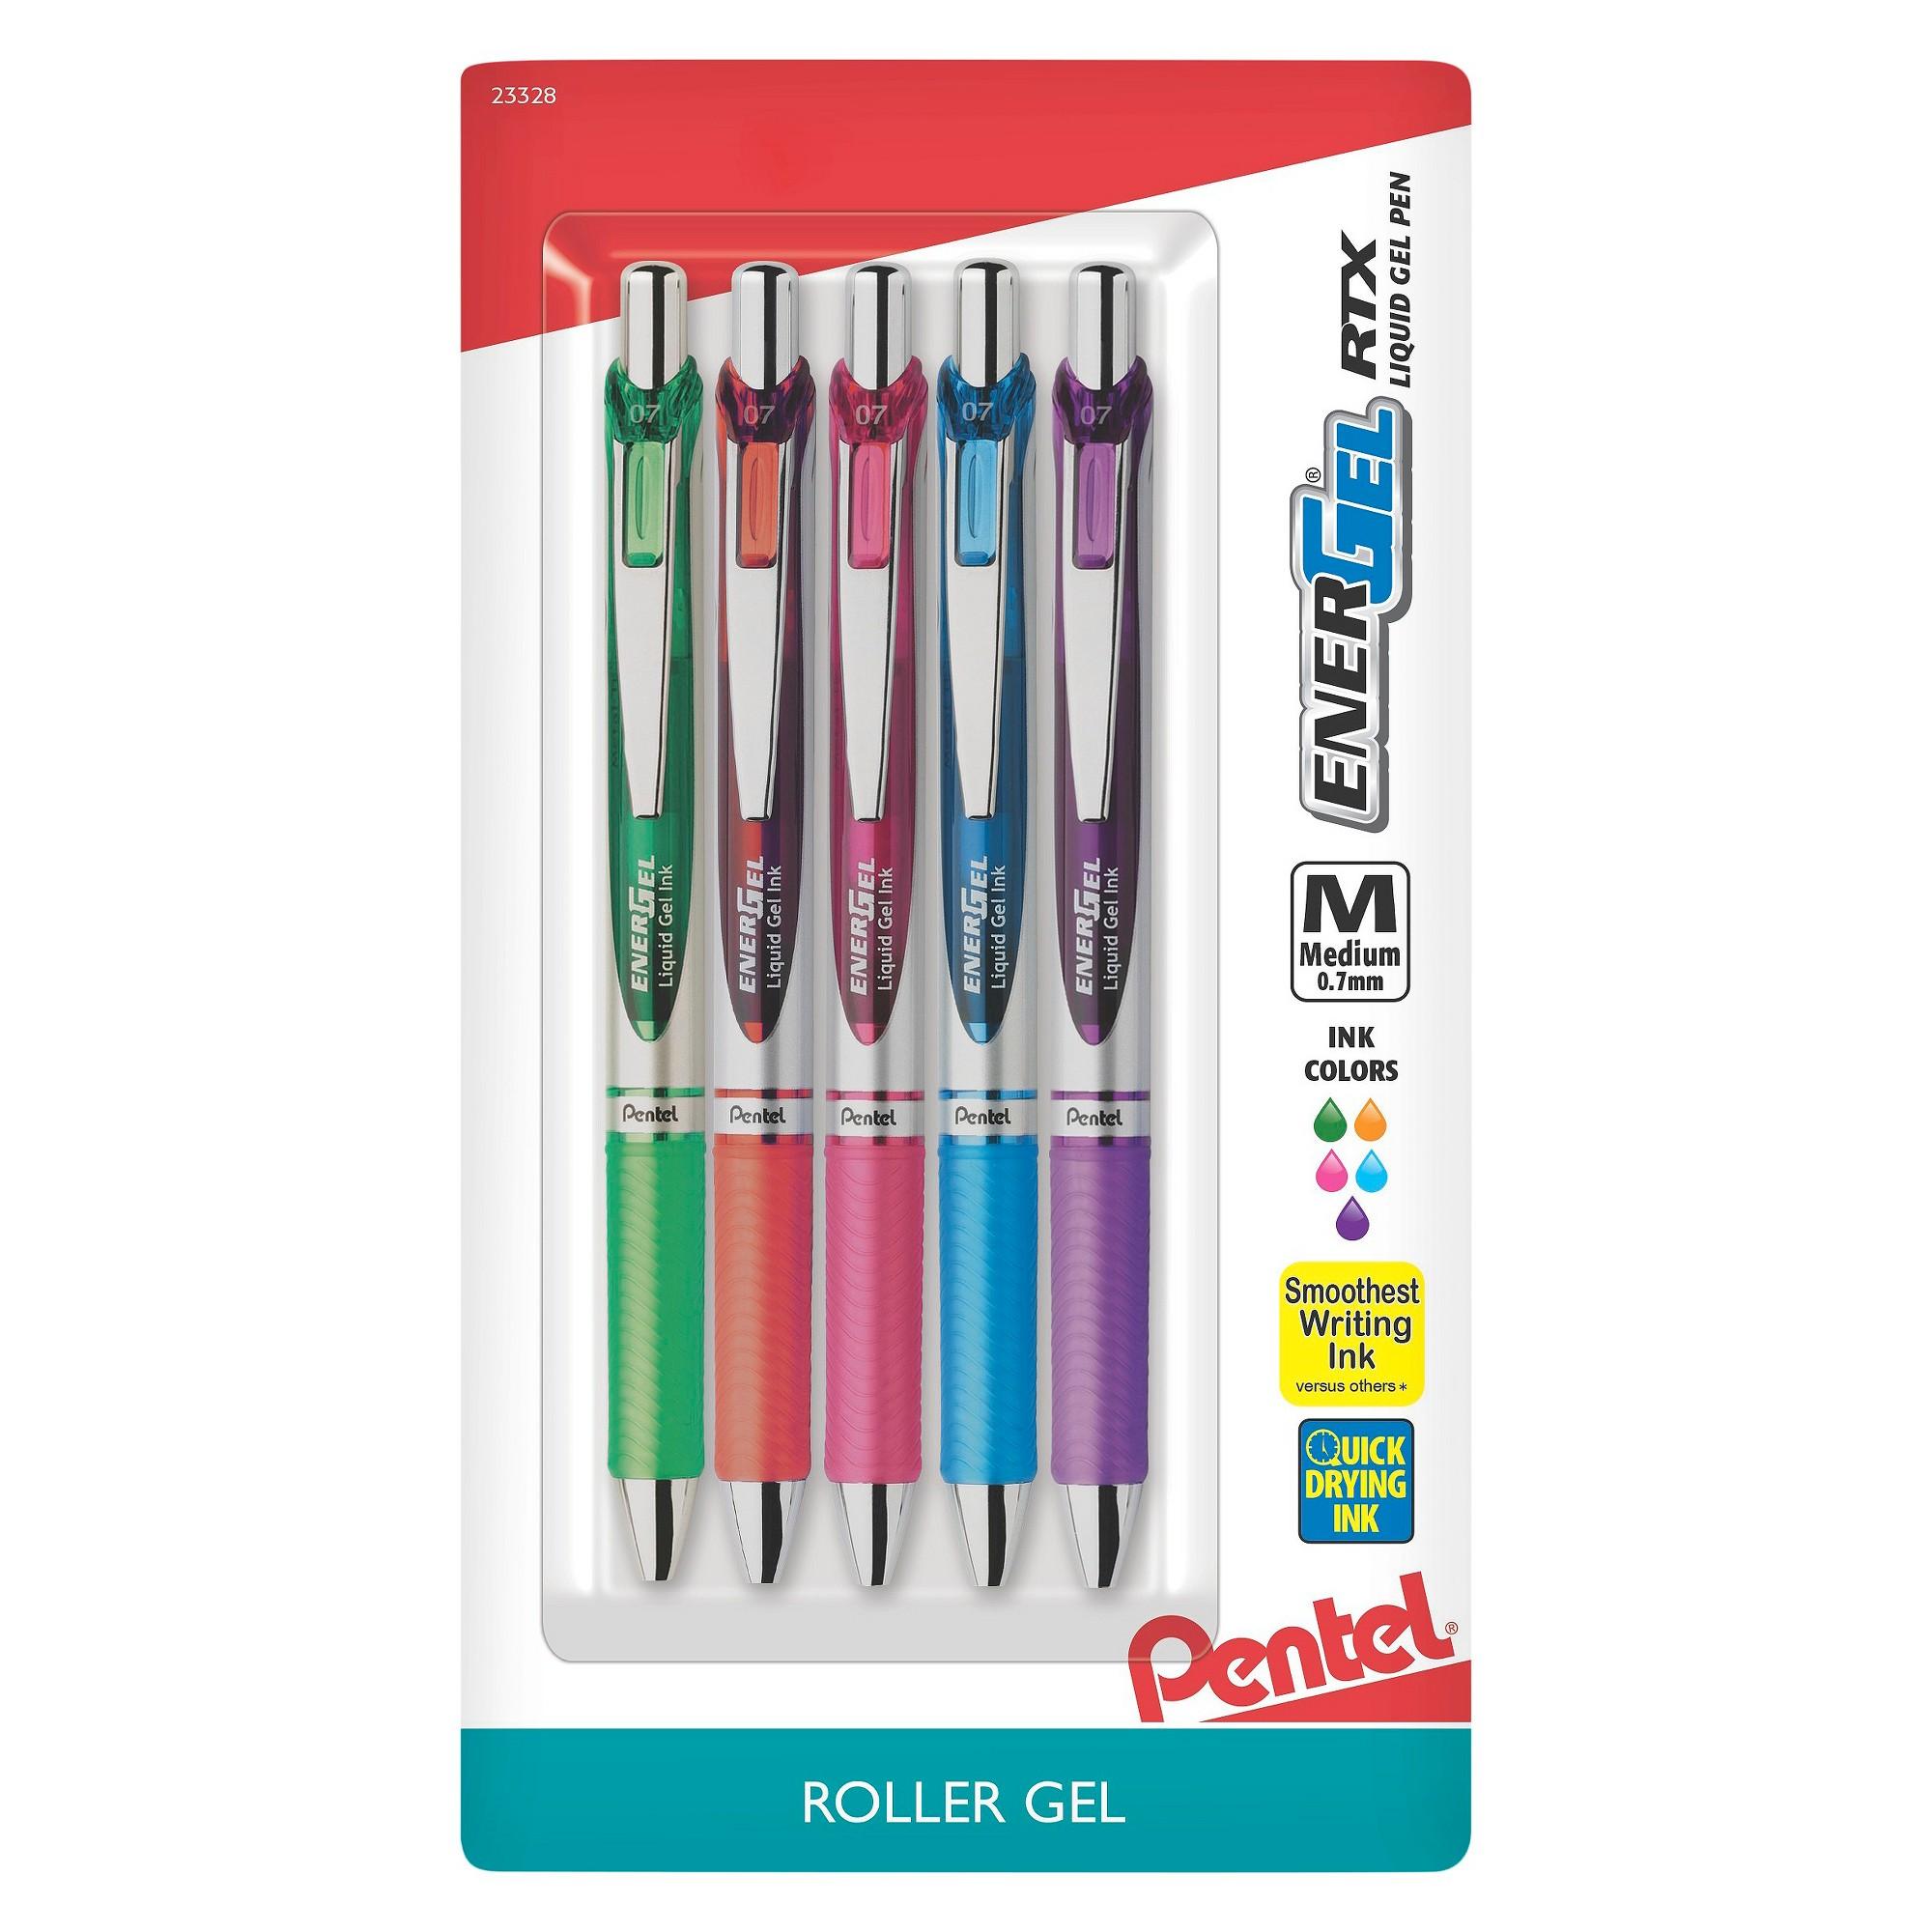 Pentel 5ct Rollergel Pens Energel 0 7mm Multiple Color Ink Gel